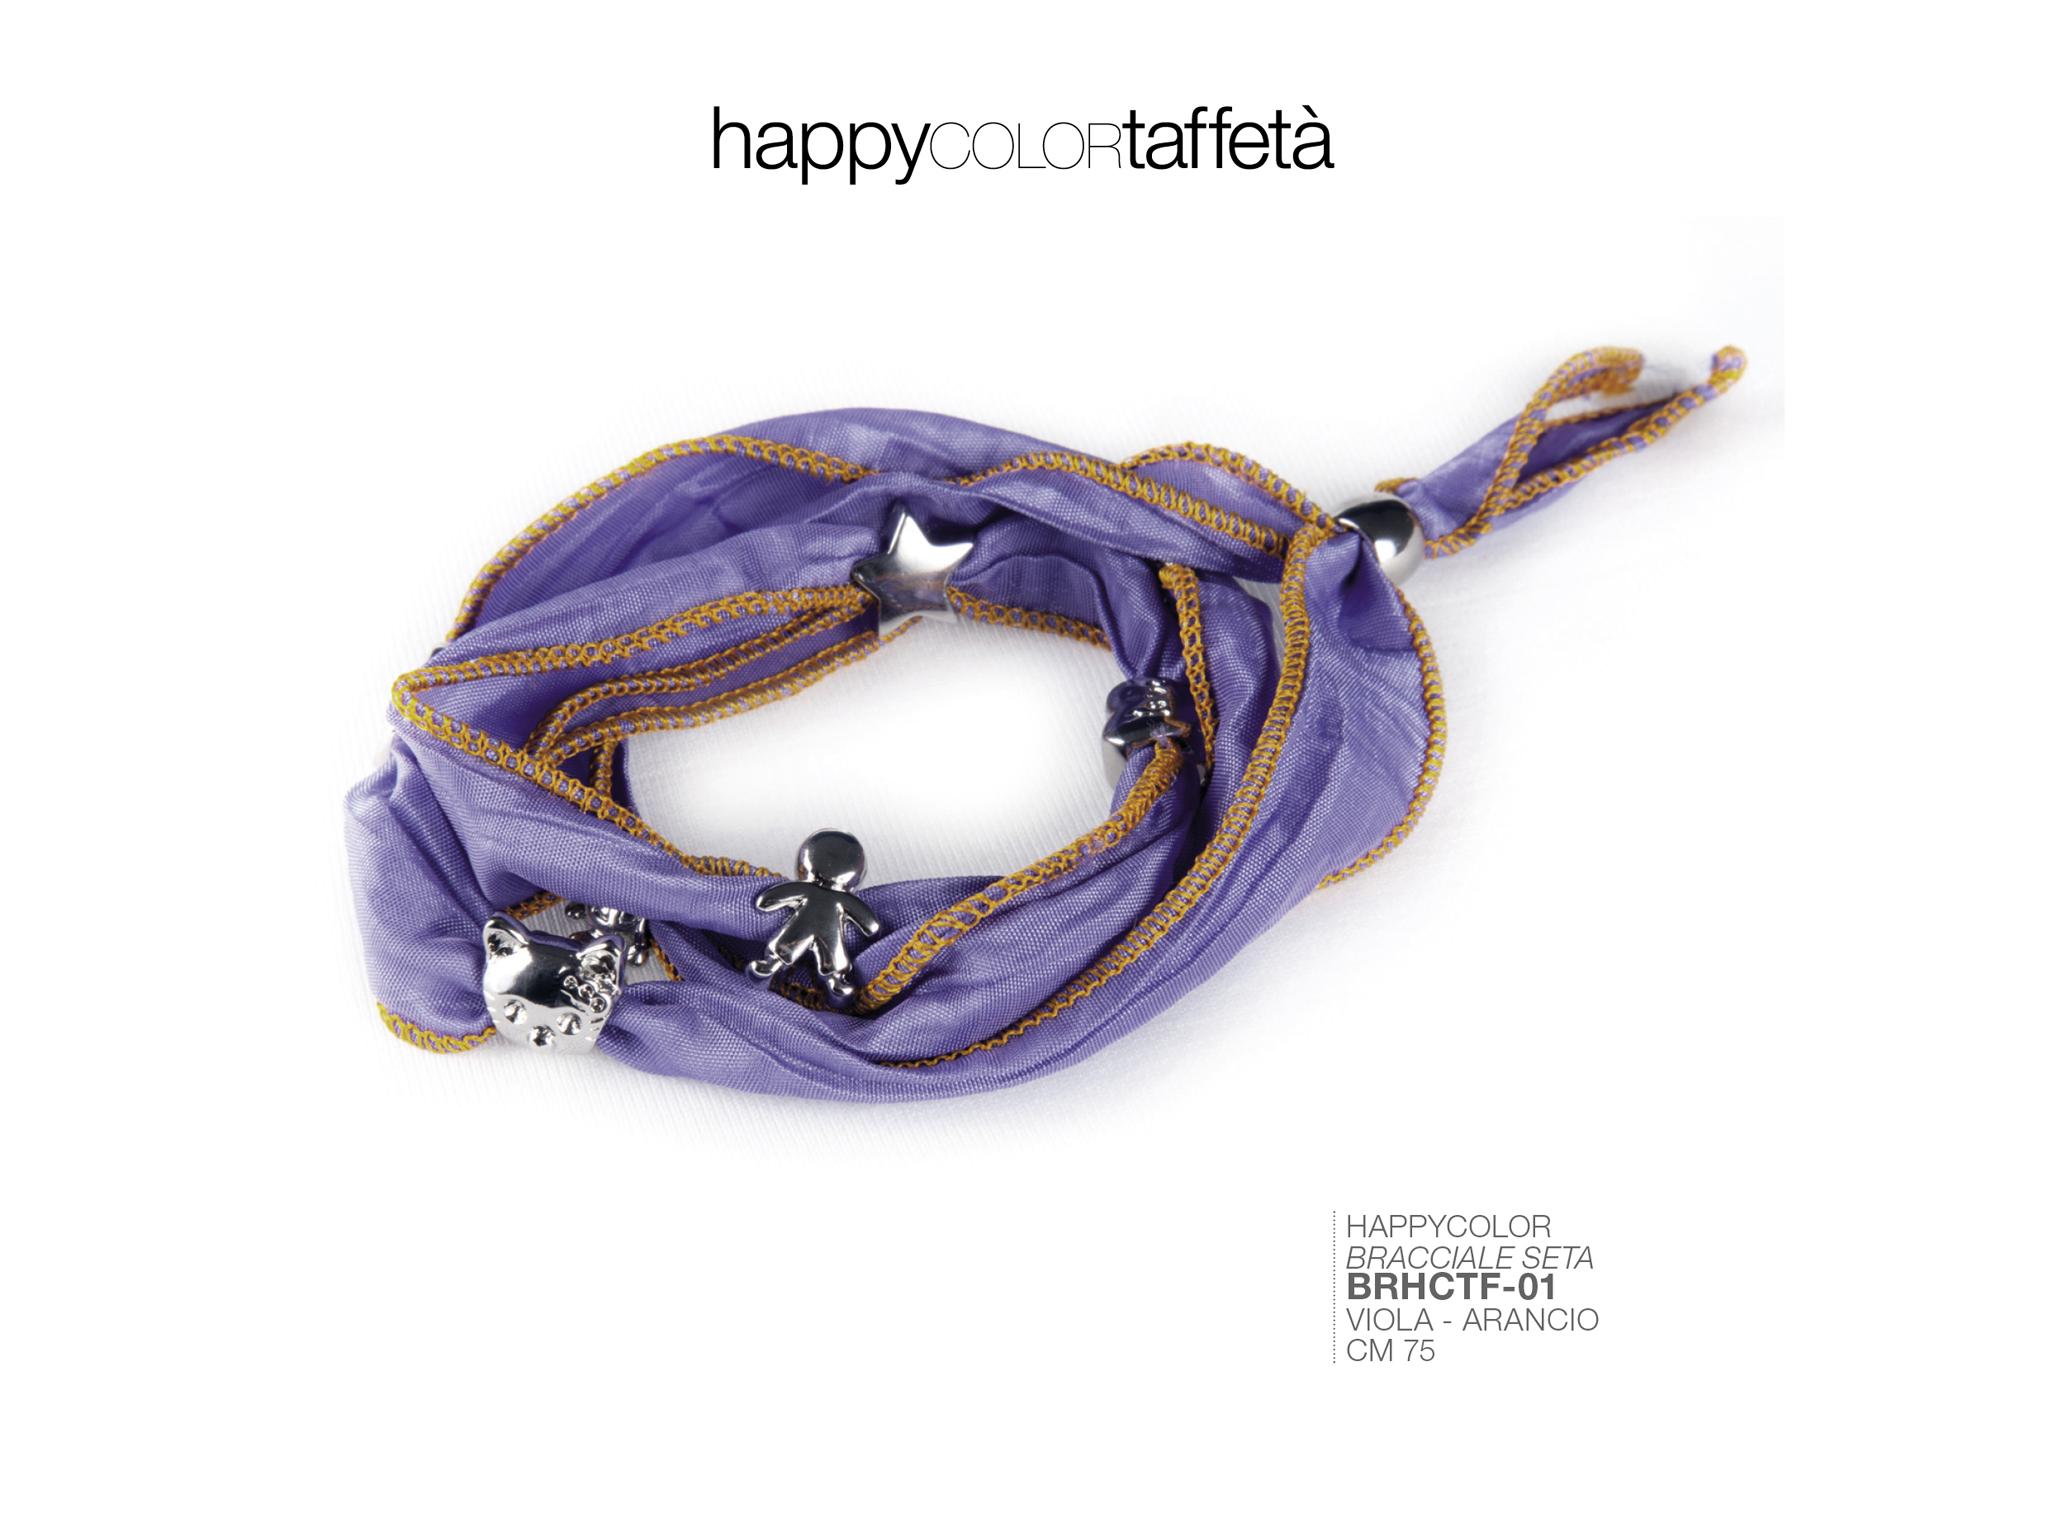 happycolor_taffeta_pagina_2_app